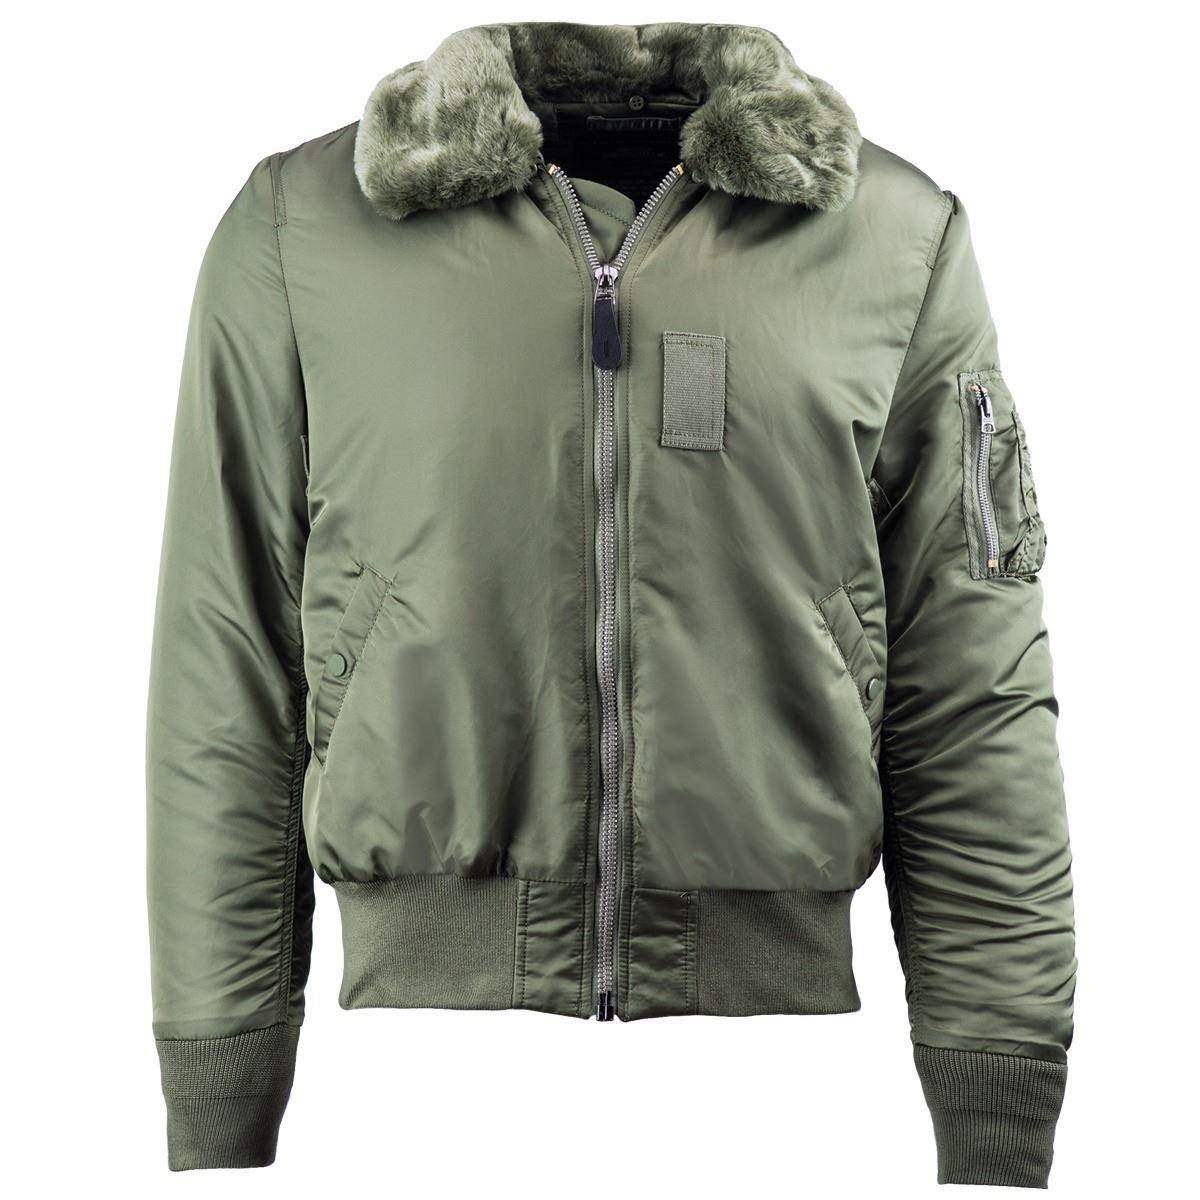 Fine Jacket Inc. B-15 Slim Fit Flight Jacket | Alpha Industries